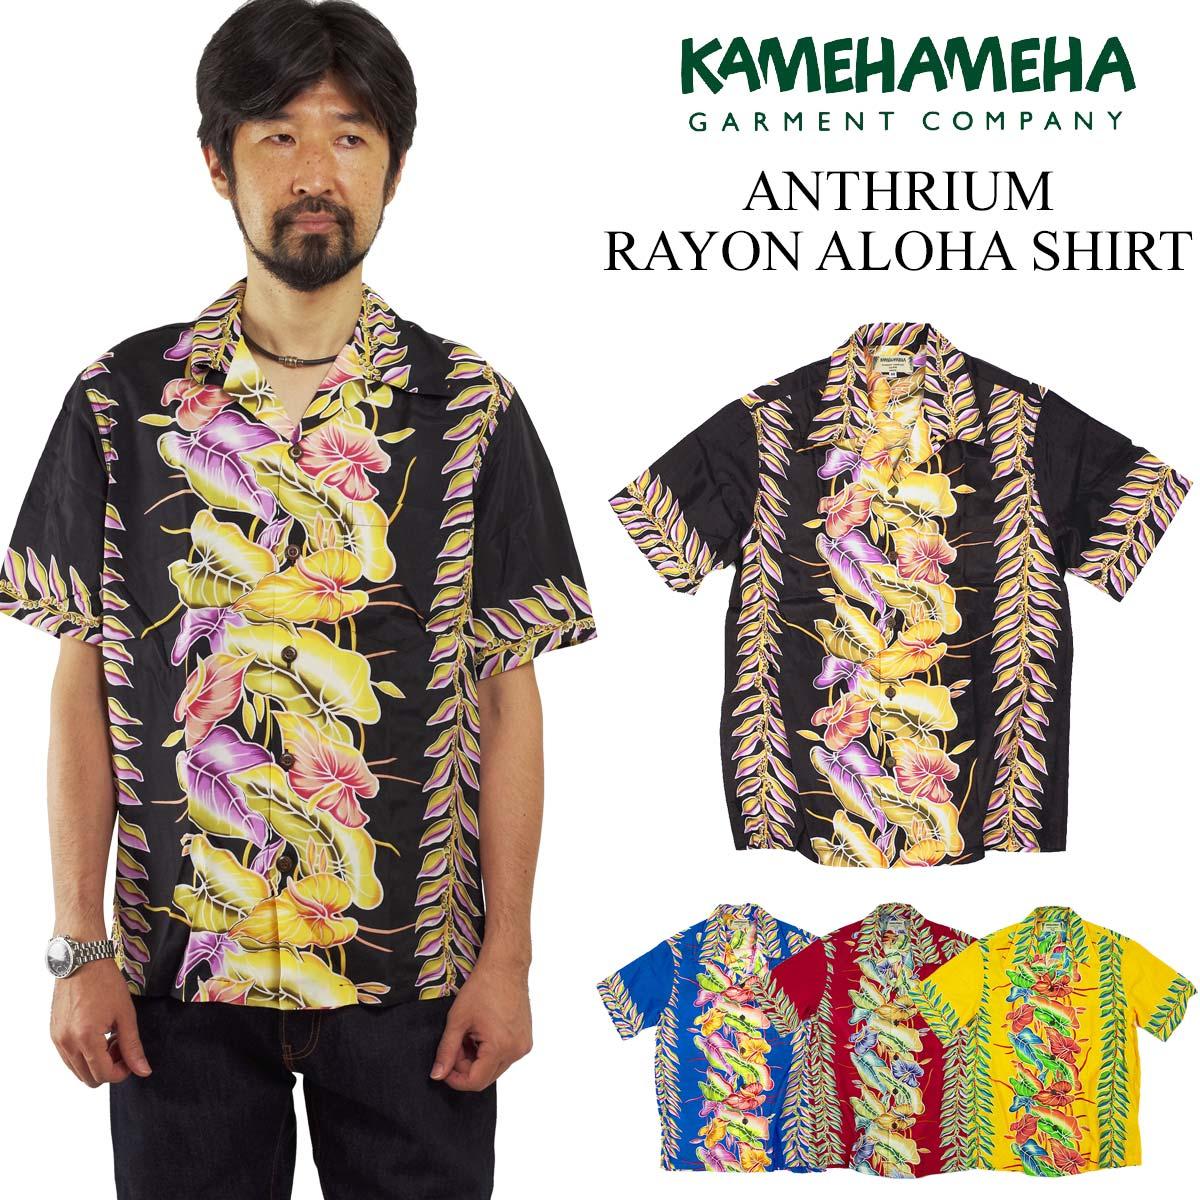 カメハメハ KAMEHAMEHA 半袖 アロハシャツ アンスリウム ハワイ製 (アメリカ製 米国製 ANTHRIUM 開襟 レーヨン)